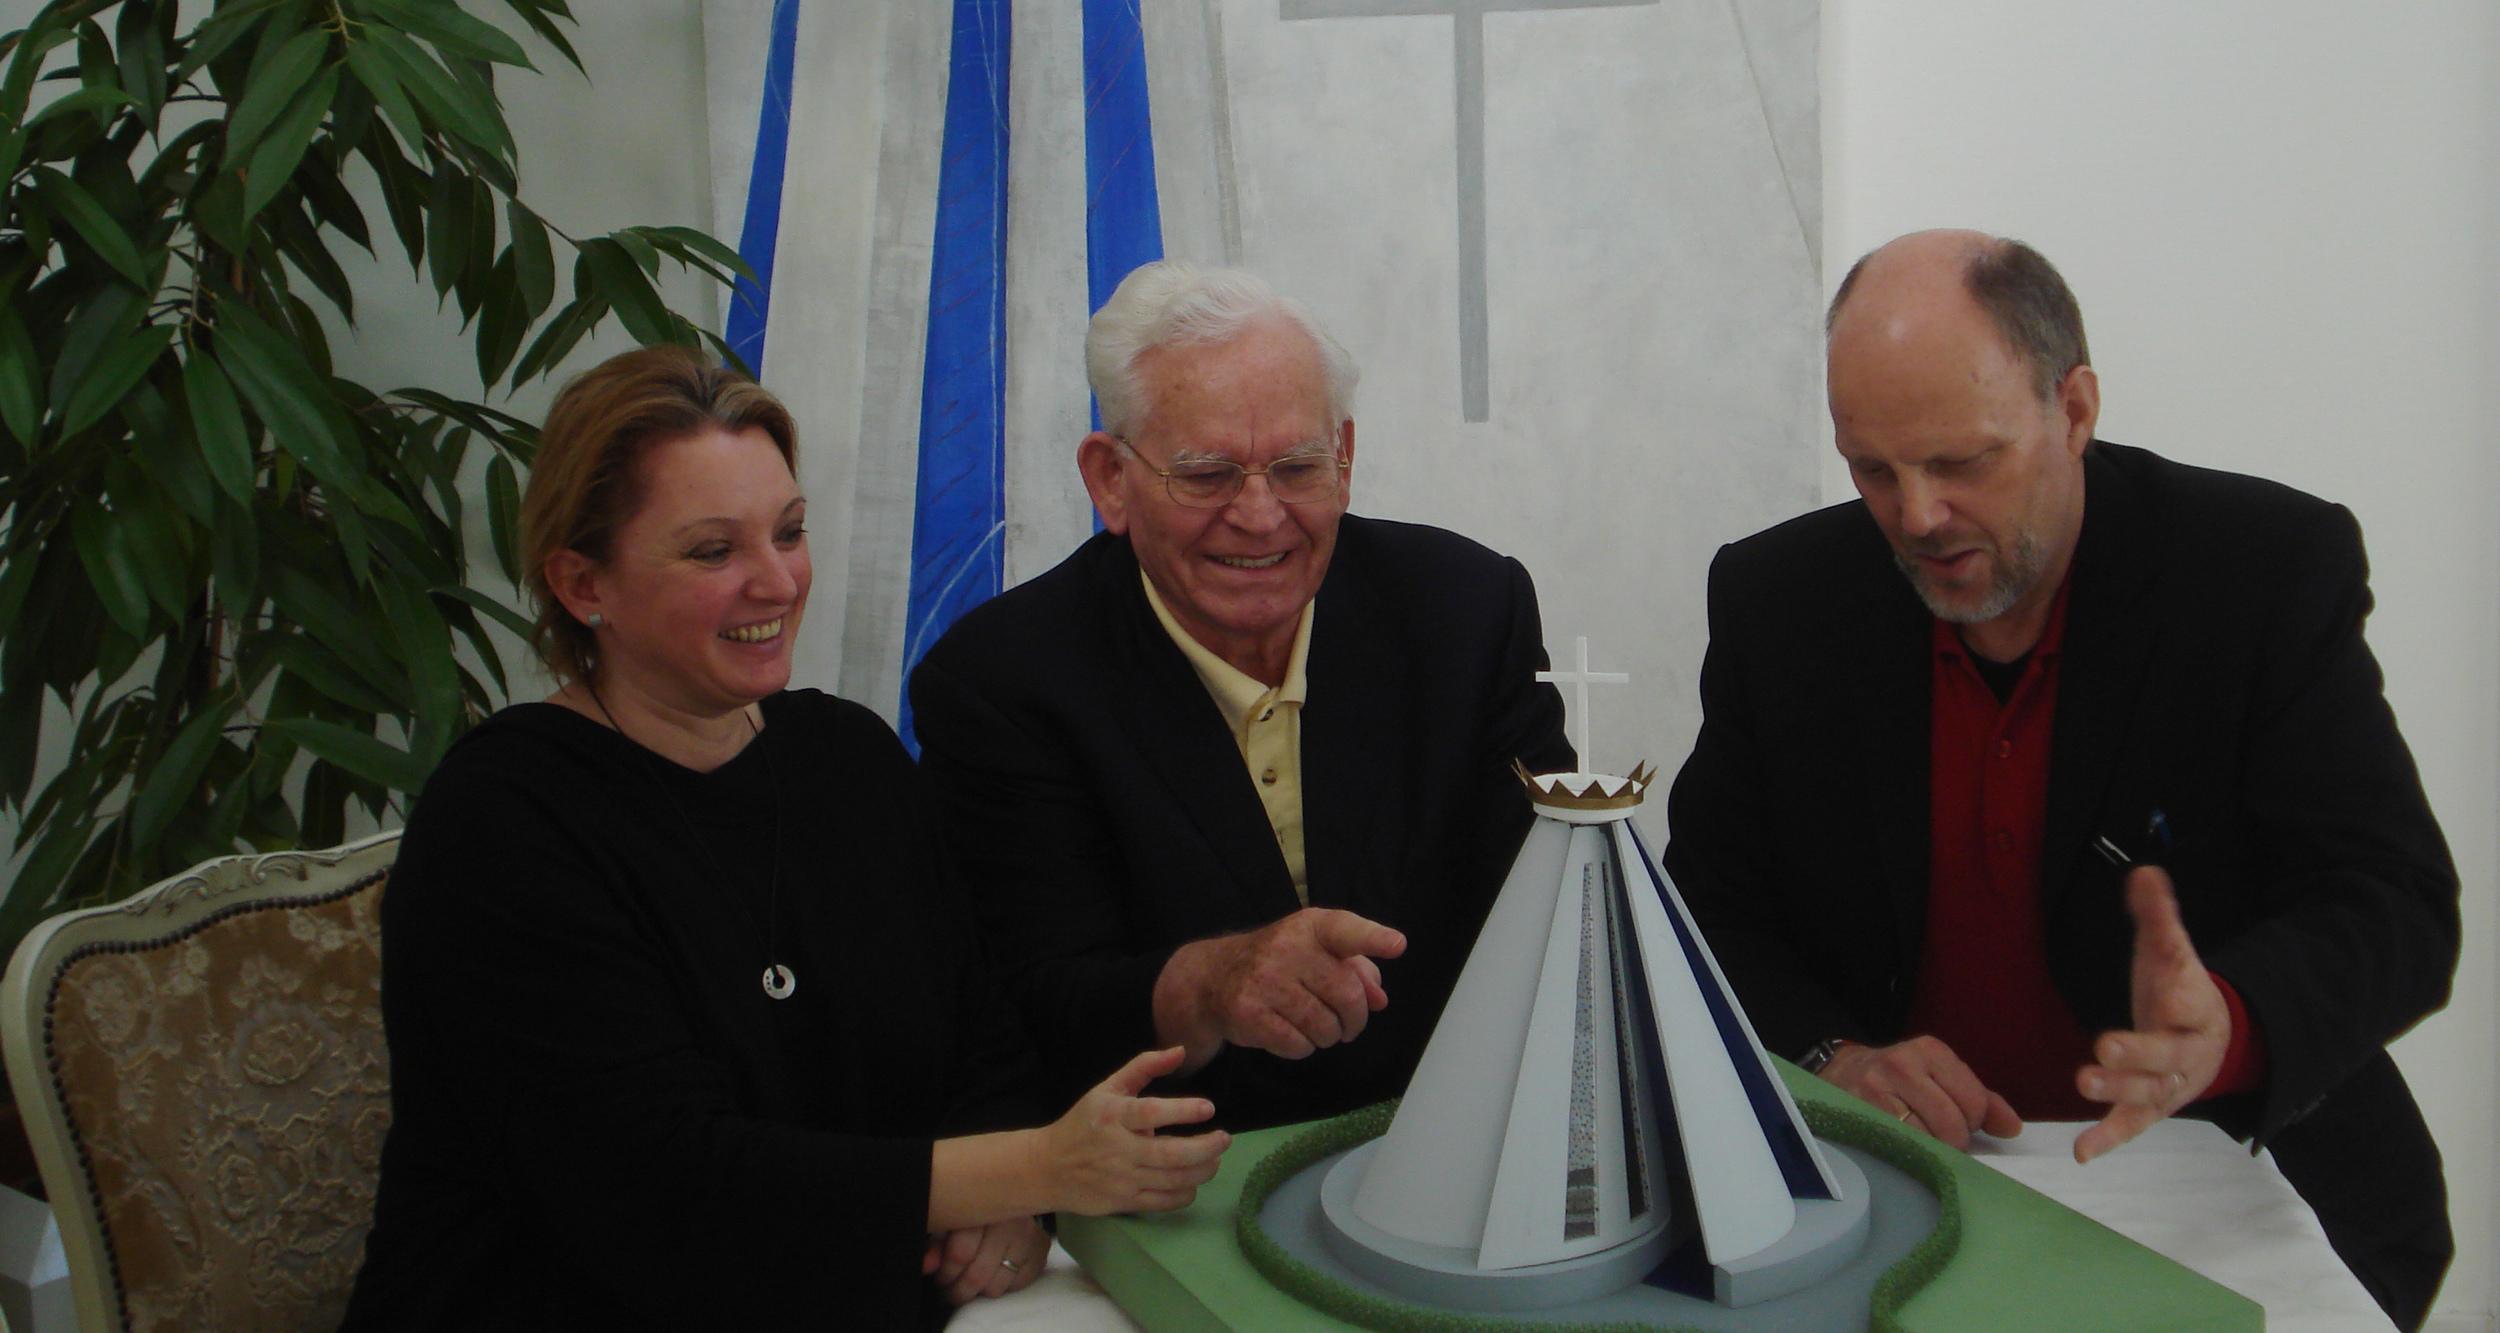 Marita Decker, Willi Schüßler und Jan Pannekoek